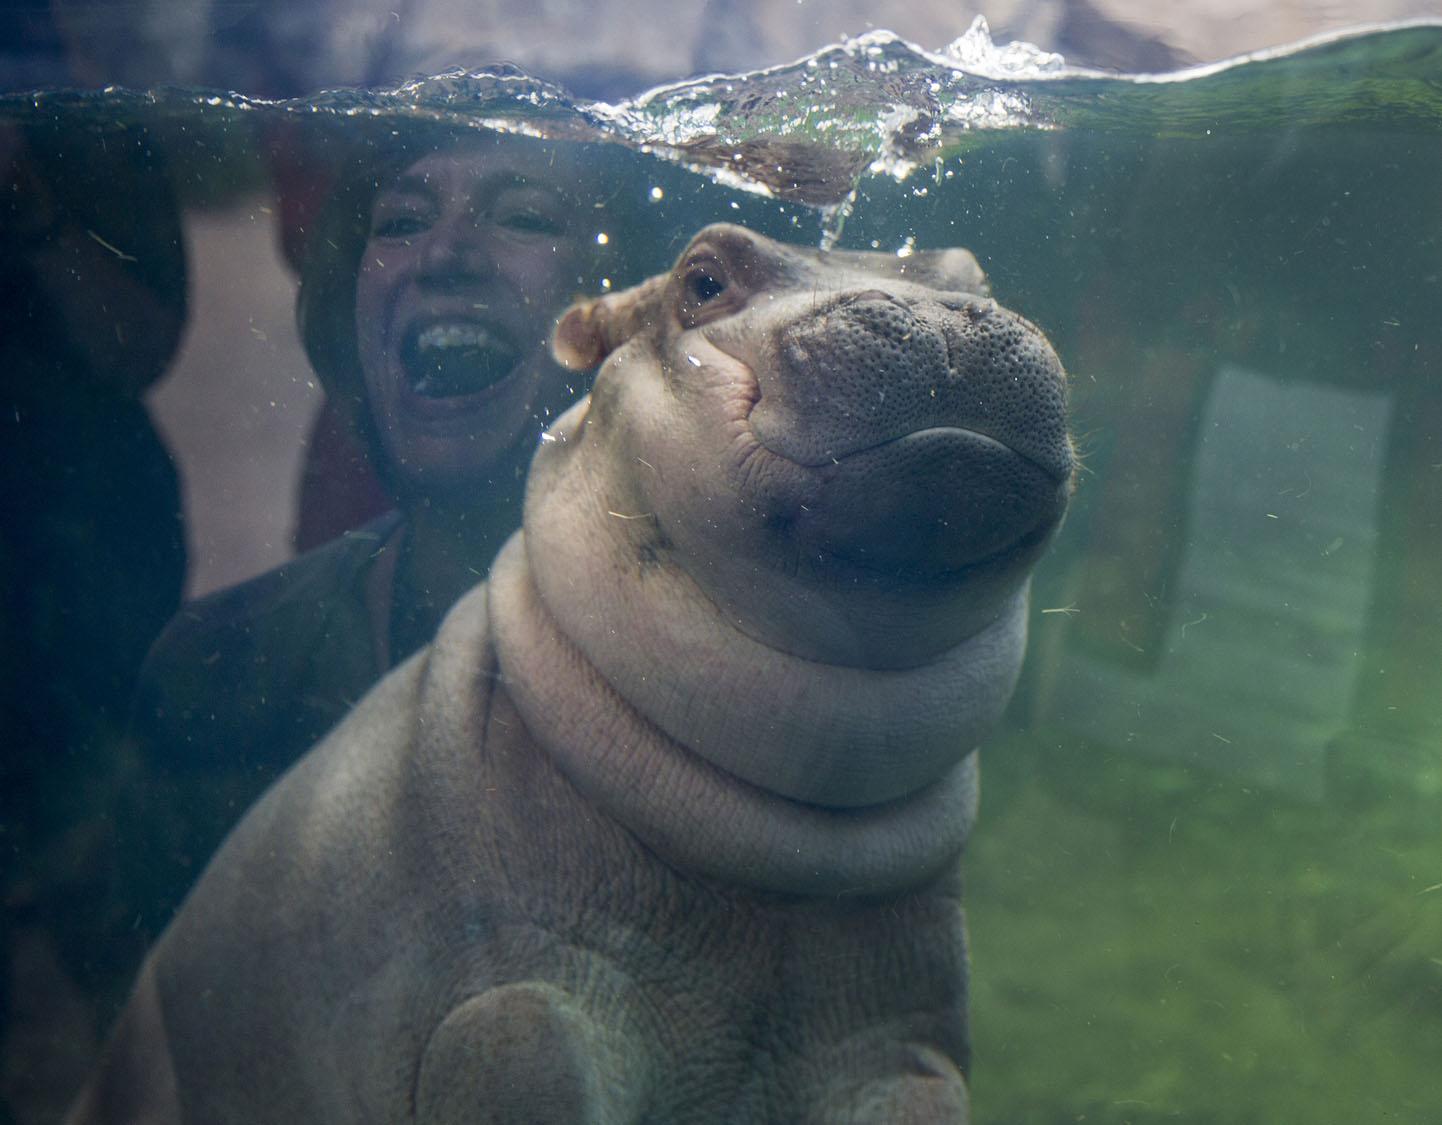 Fiona Cincinnati S Baby Hippo Makes Her Debut